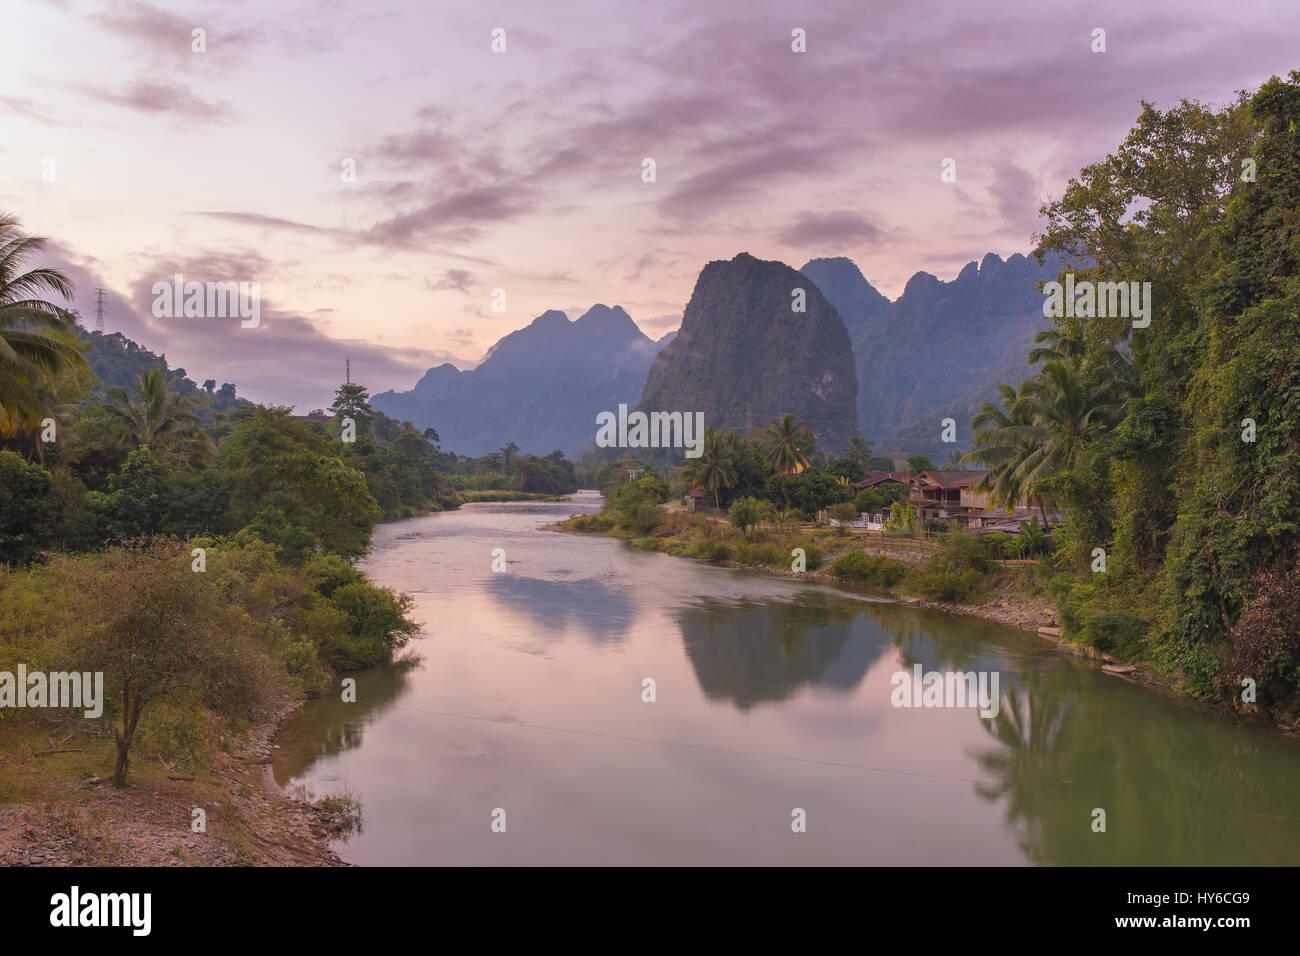 Wunderschönen Sonnenaufgang über den Nam Song River nahe dem Dorf Vang Vieng, Laos Stockbild